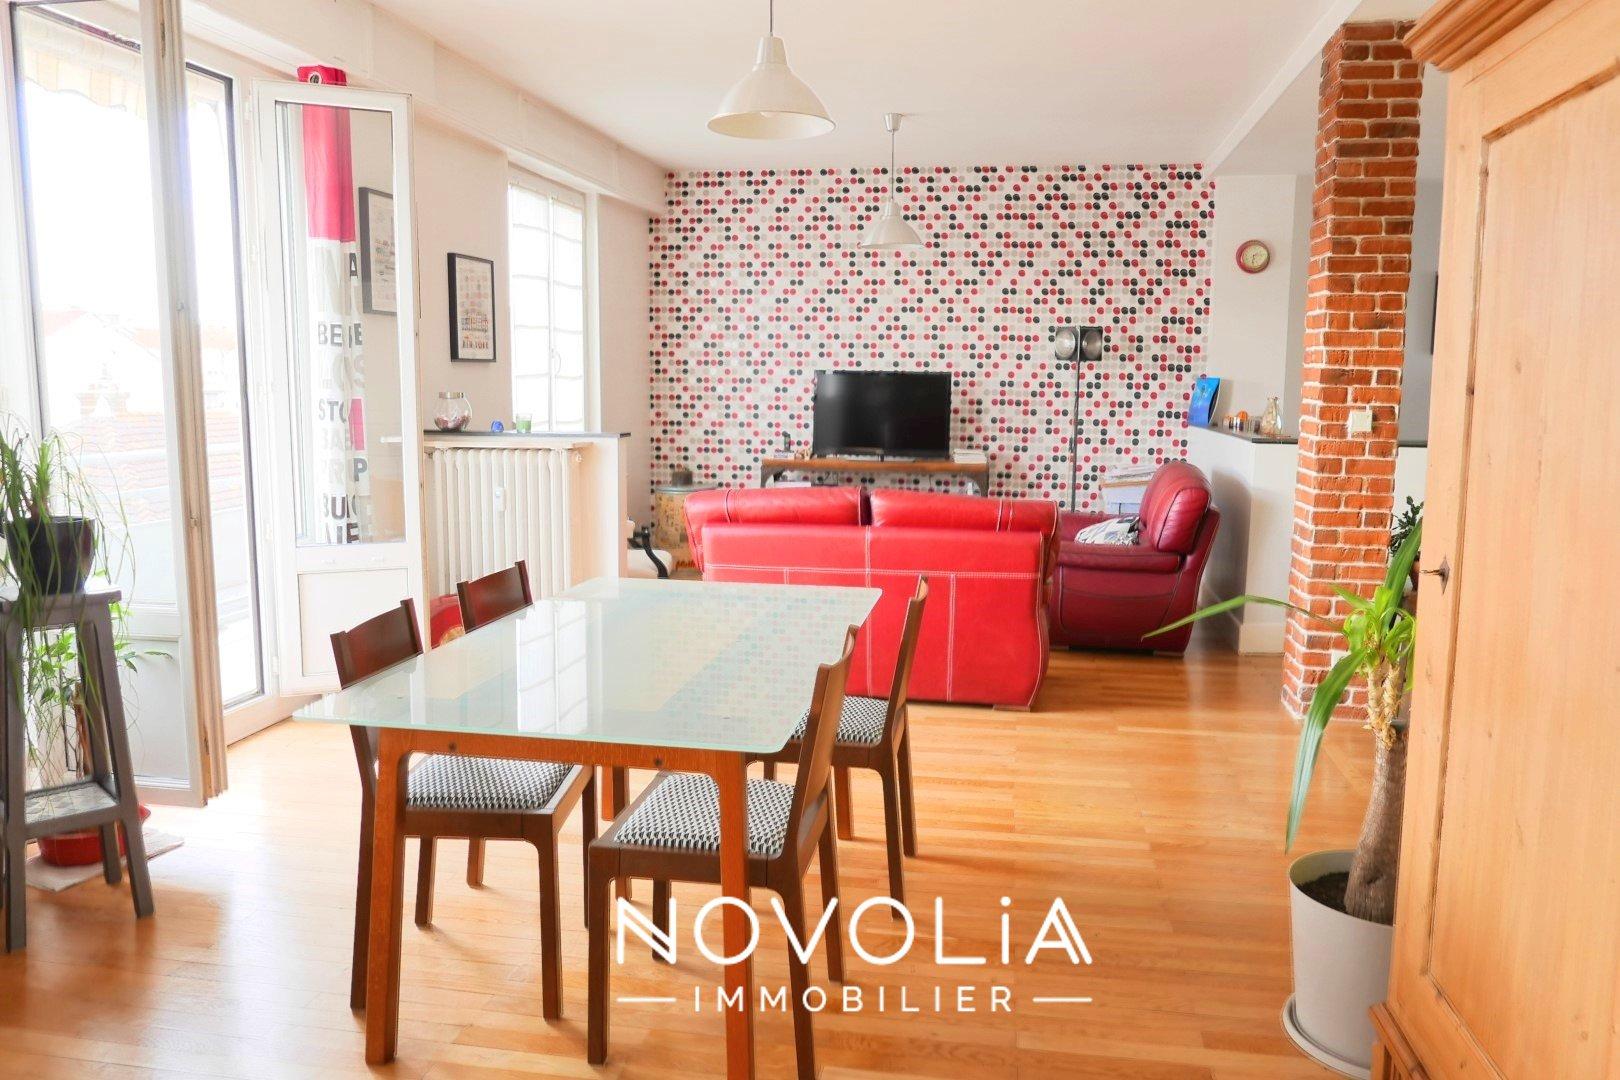 Achat Appartement Surface de 102.1 m²/ Total carrez : 102 m², 3 pièces, Lyon 7ème (69007)